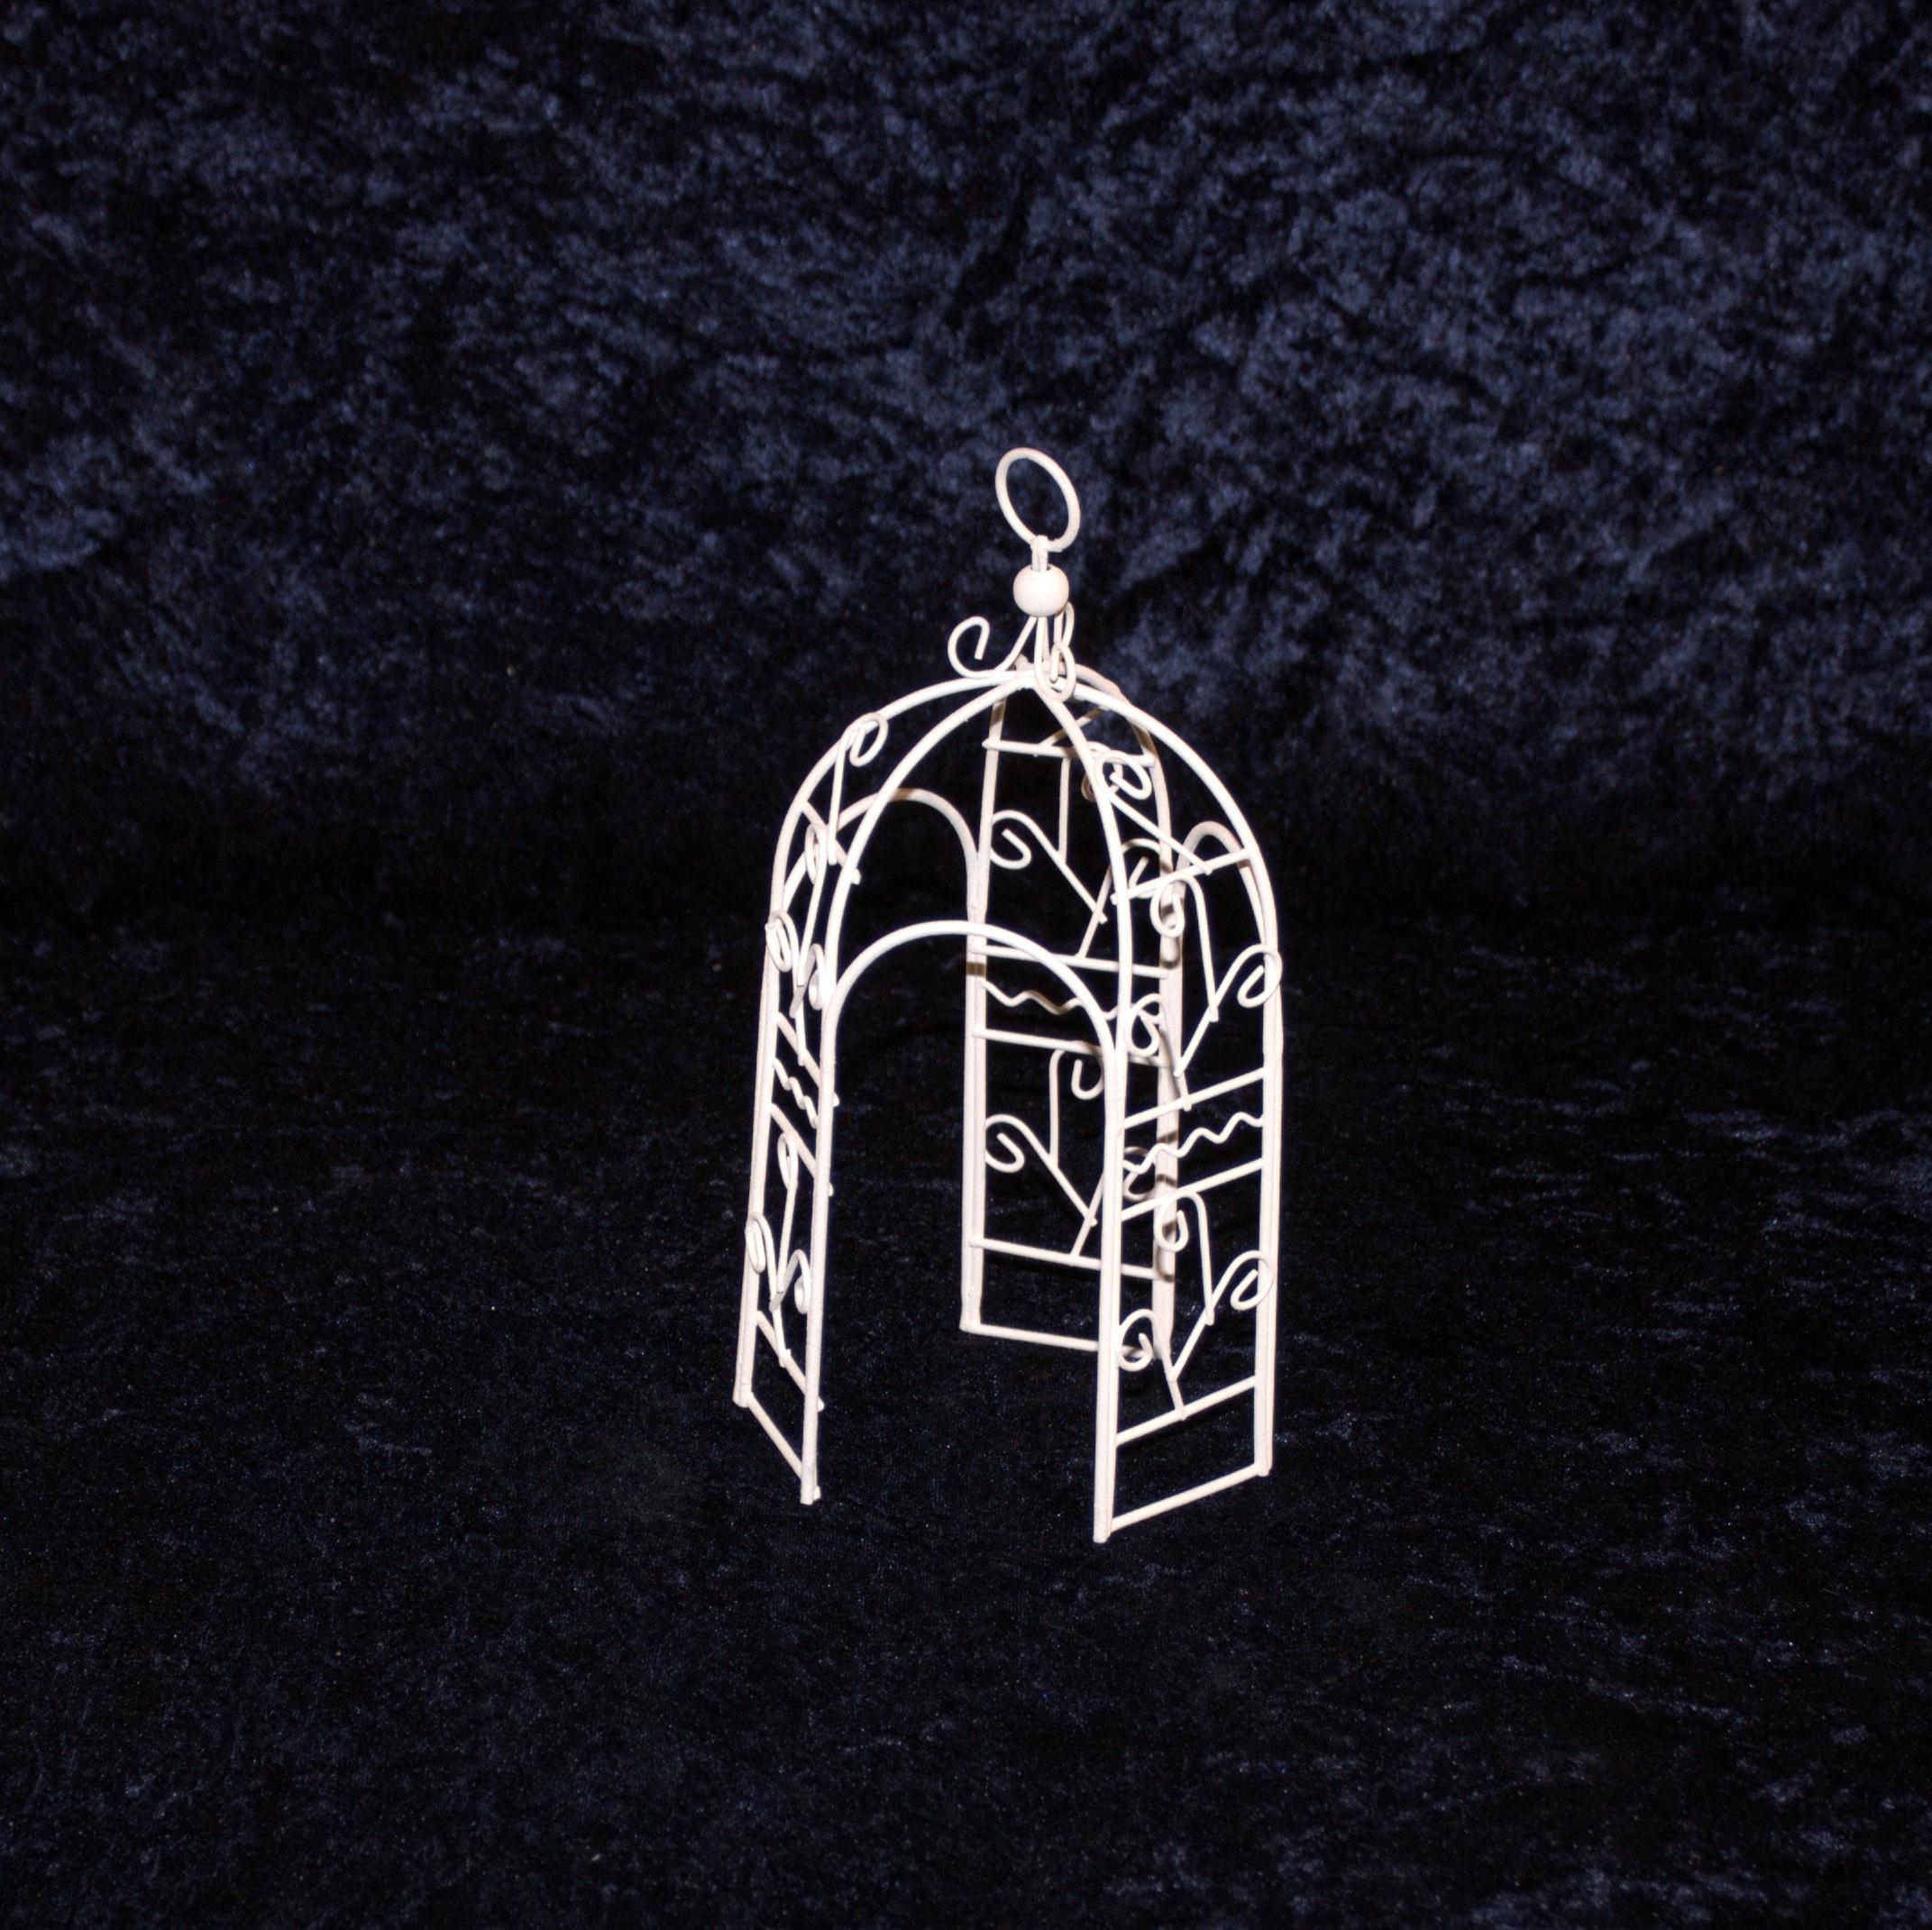 mini garten pavillon wei 20 cm minigarten miniatur gartenm bel metall selfkant krippen. Black Bedroom Furniture Sets. Home Design Ideas